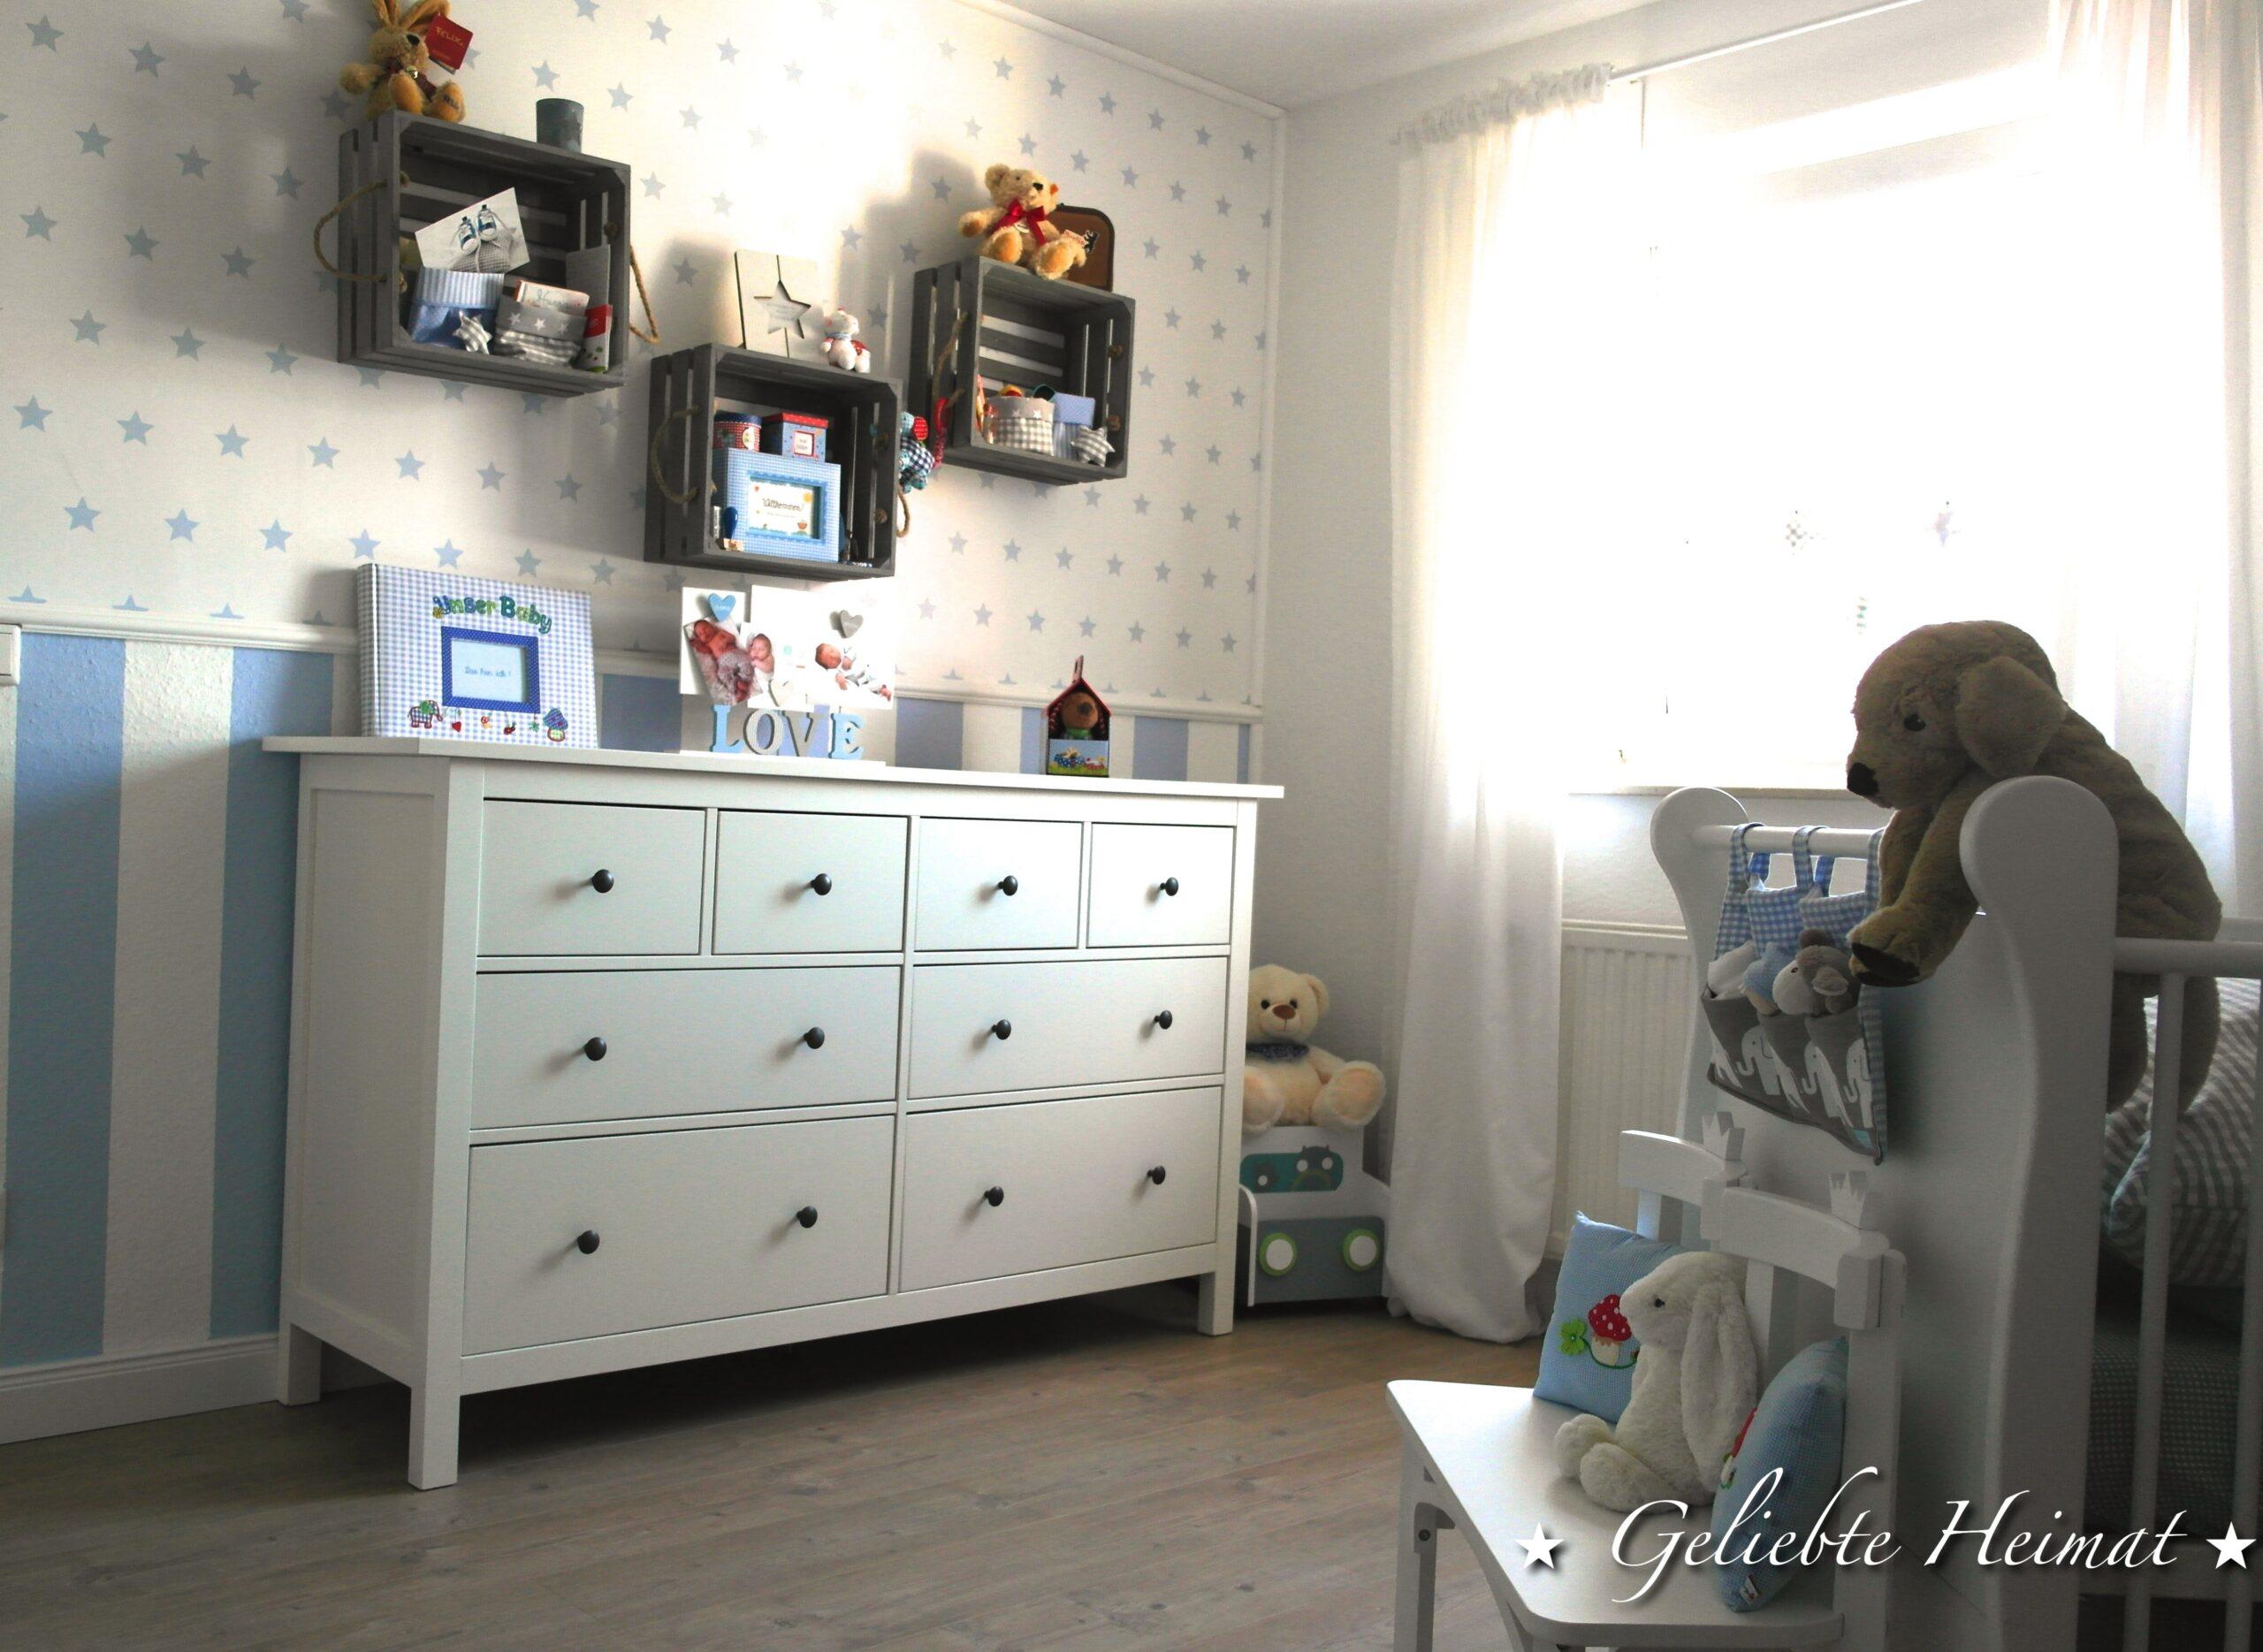 Full Size of Kinderzimmer Komplett Junge 3 Jahre Ideen 7 Einrichten Jungen Deko 5 6 Hochbett Dekoration Gestalten Regal Regale Sofa Weiß Kinderzimmer Kinderzimmer Jungen